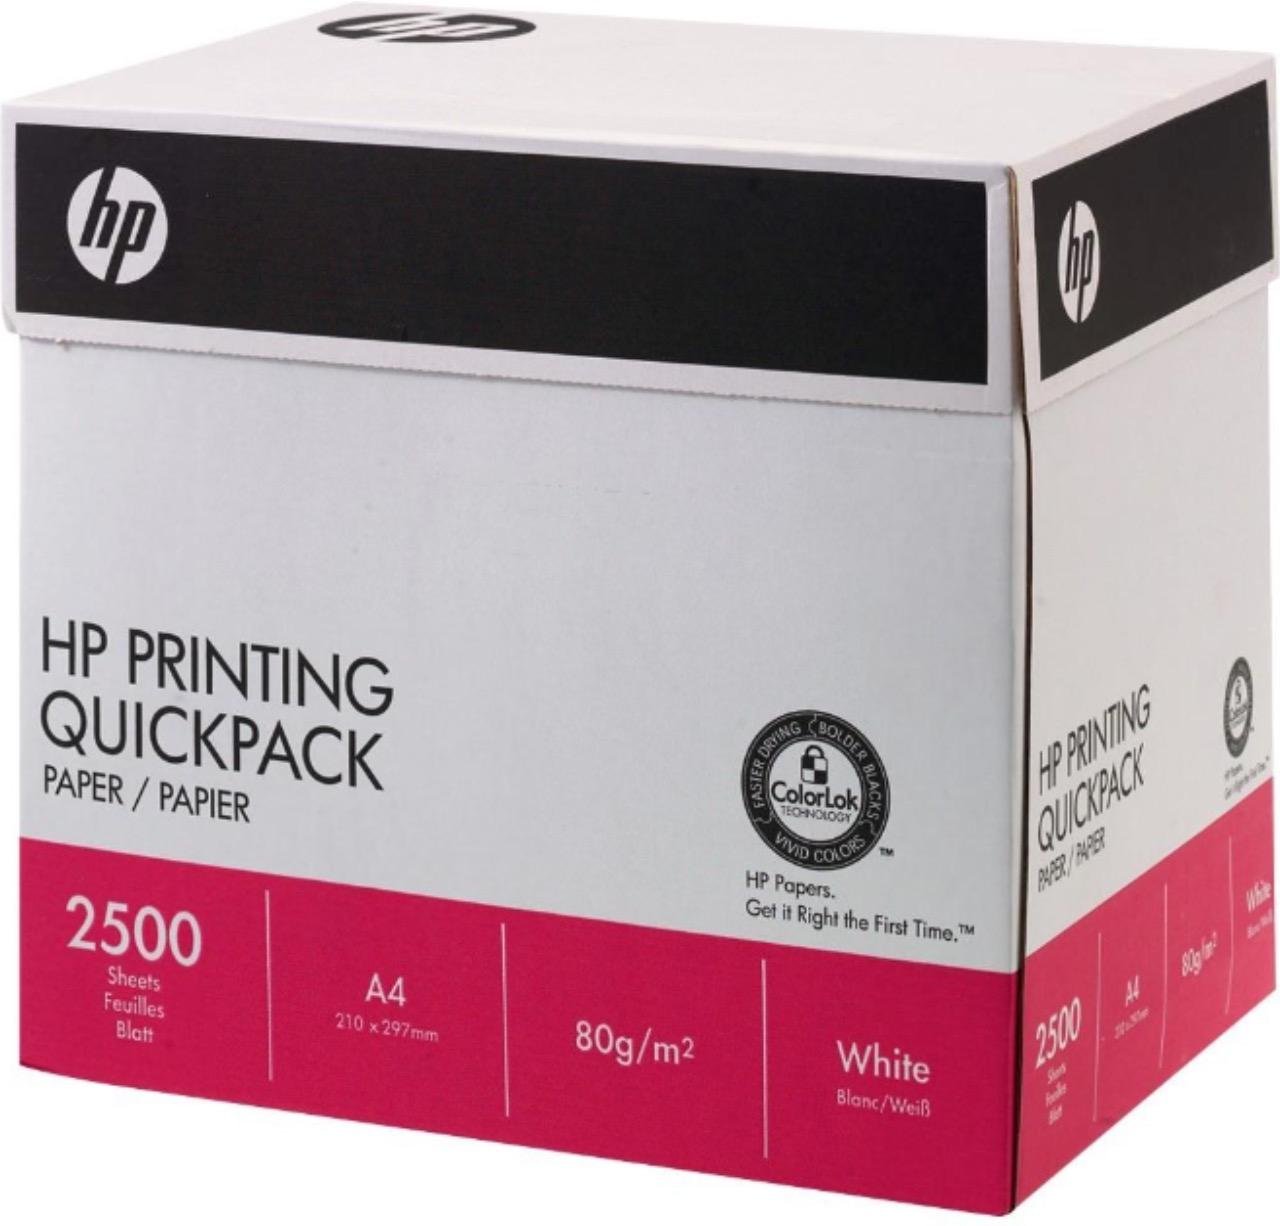 [Viking] hp Druckerpapier DIN A4 80 g/m² Papier | 2500 Blatt 9,19€ | 5000 Blatt 12,54€ | 10.000 Blatt 19,26€ und weiter günstiger